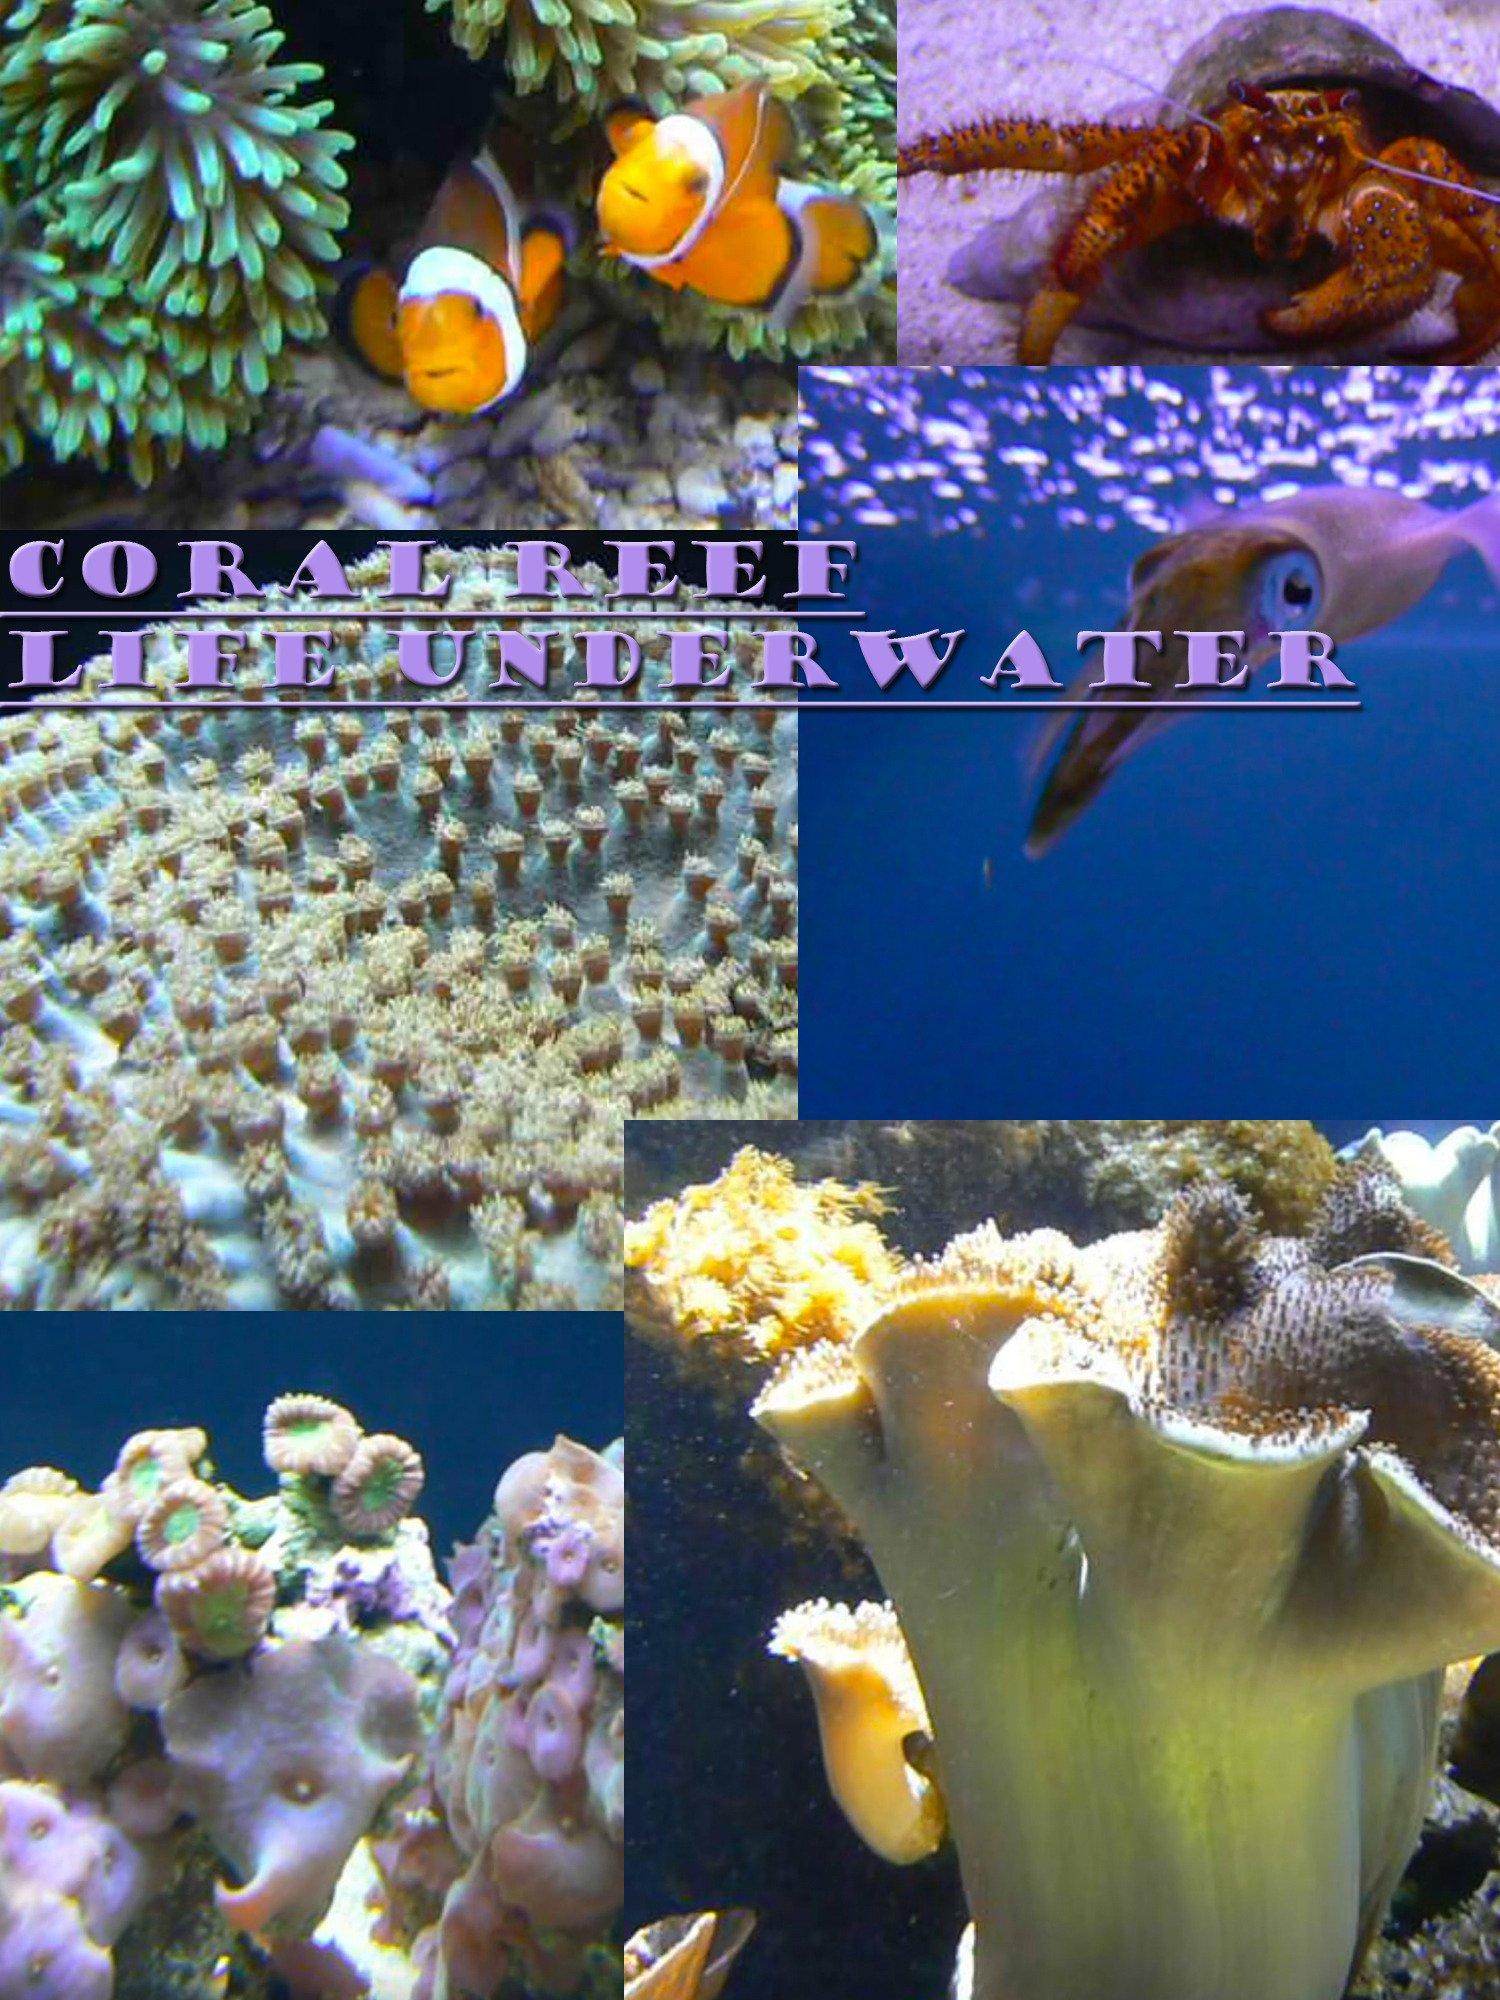 Coral Reef: Life underwater